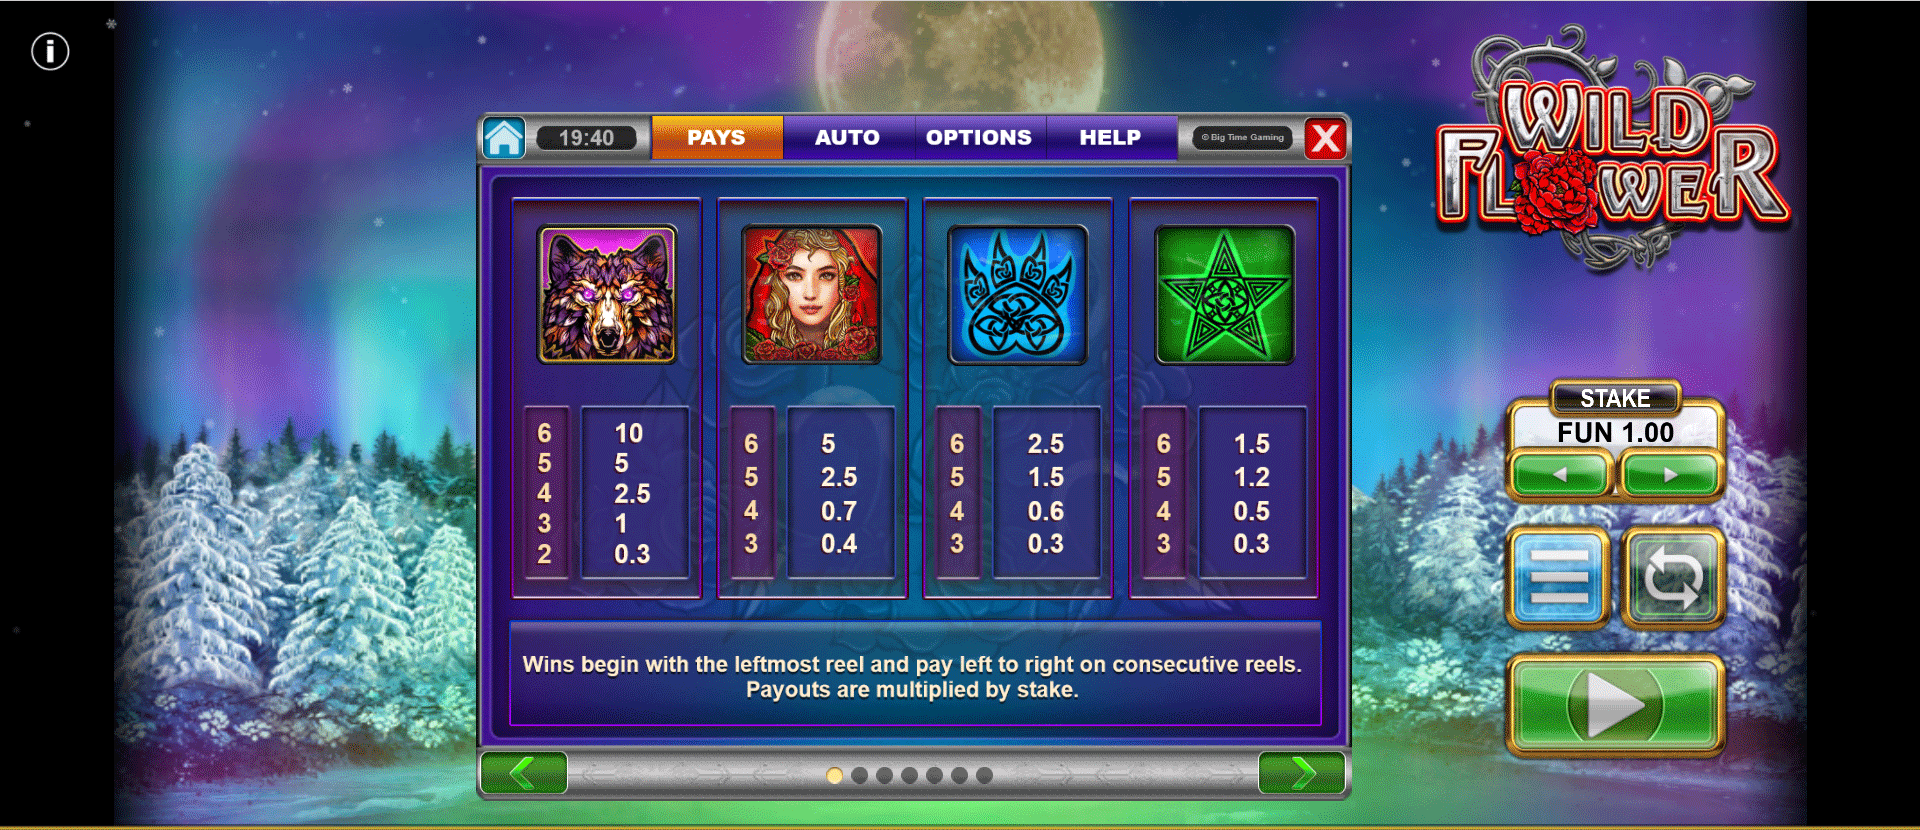 paytable slot machine wild flower